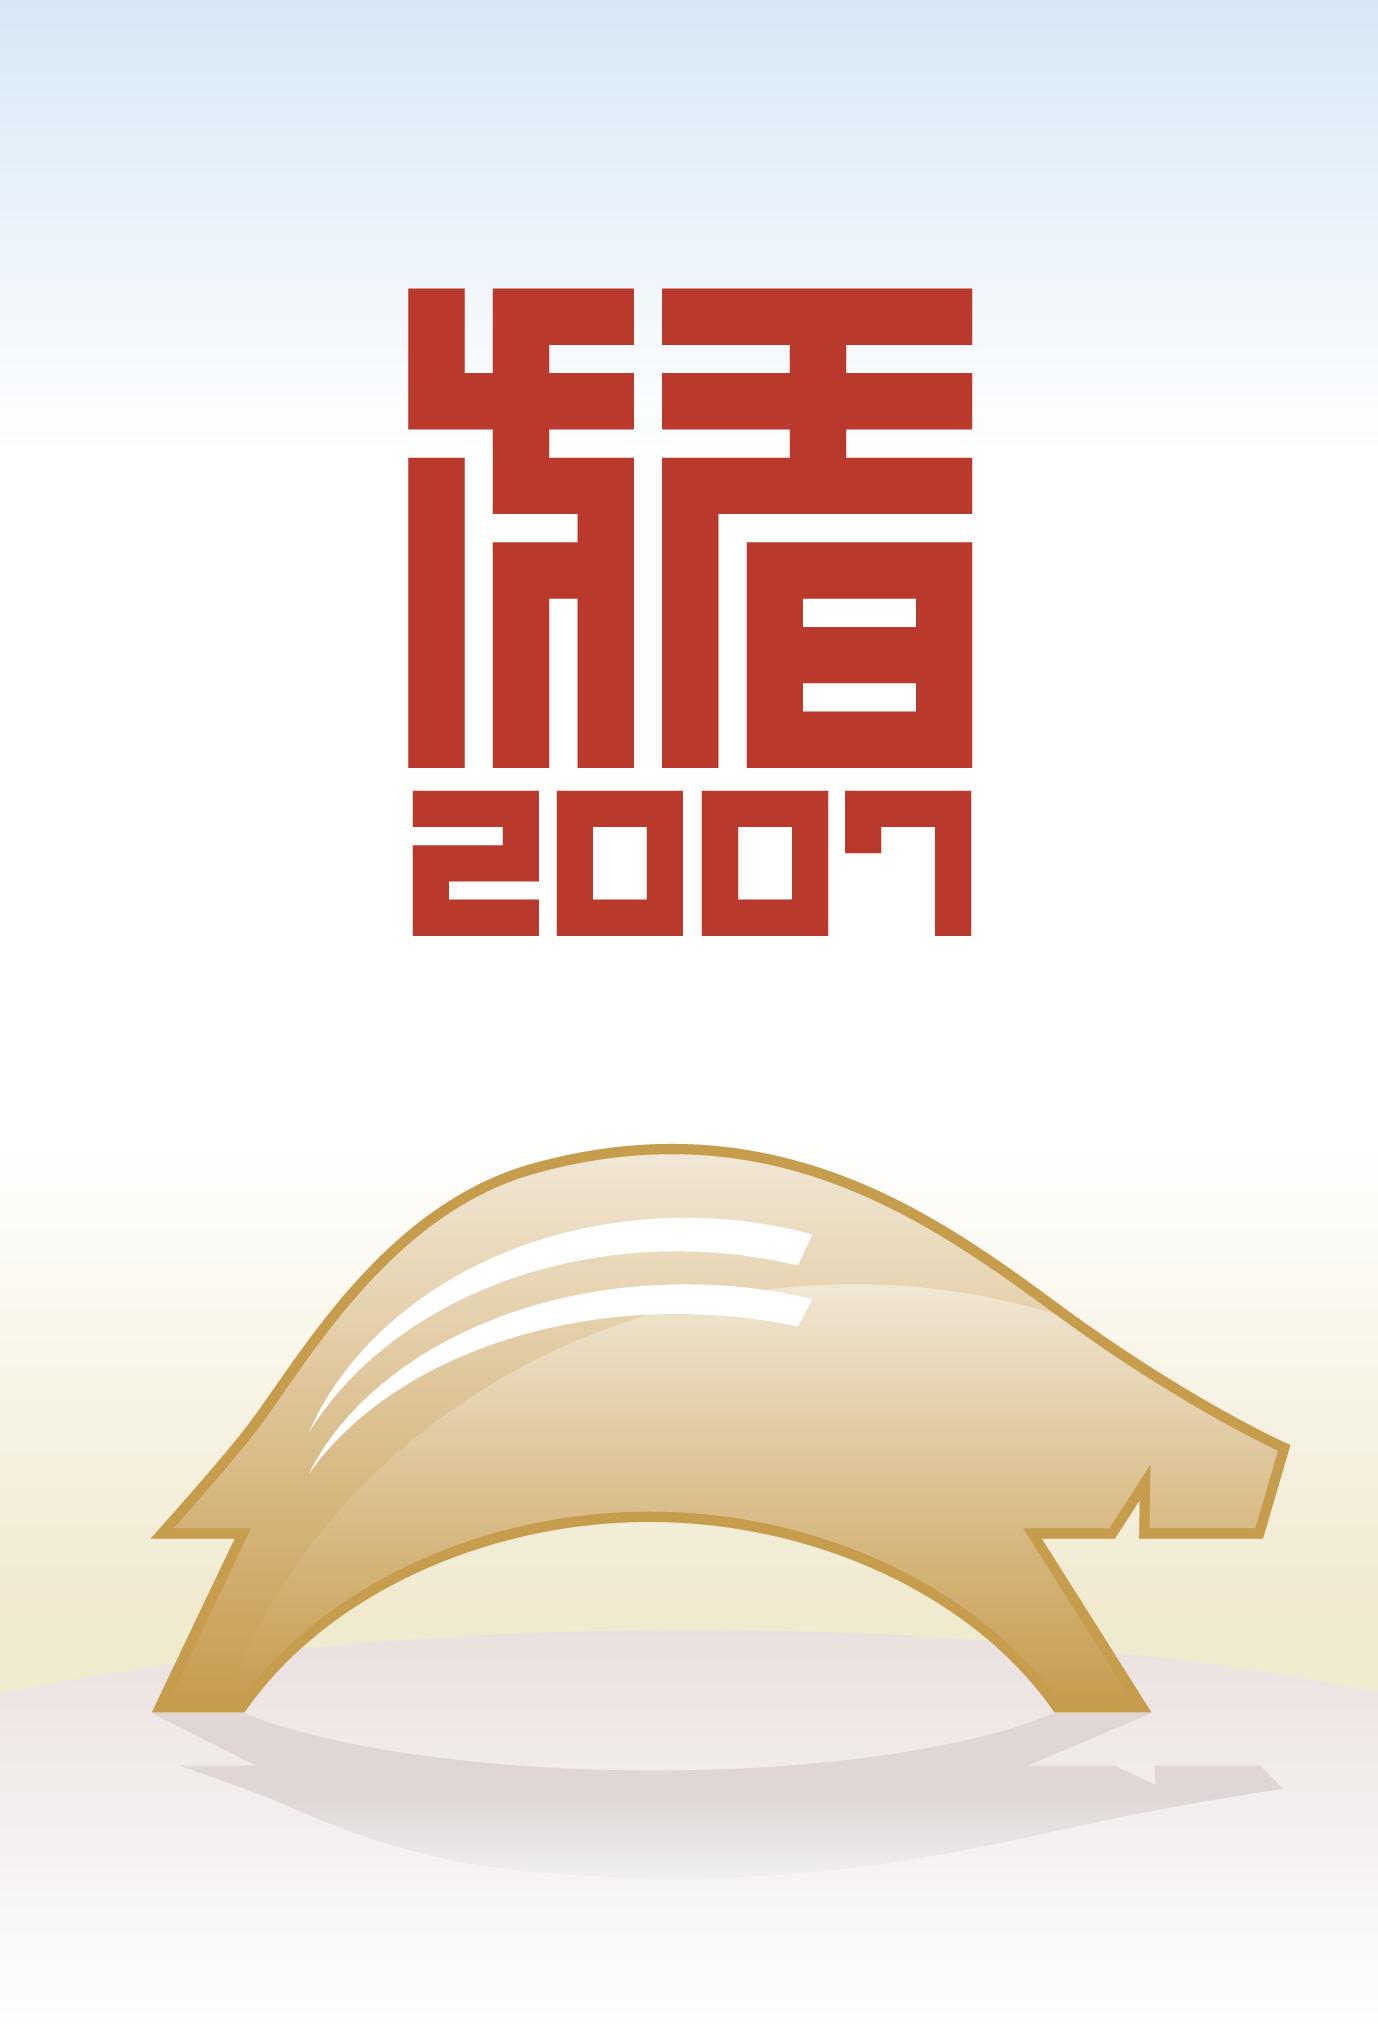 2007年賀状11:江戸角字(猪)リッチのダウンロード画像